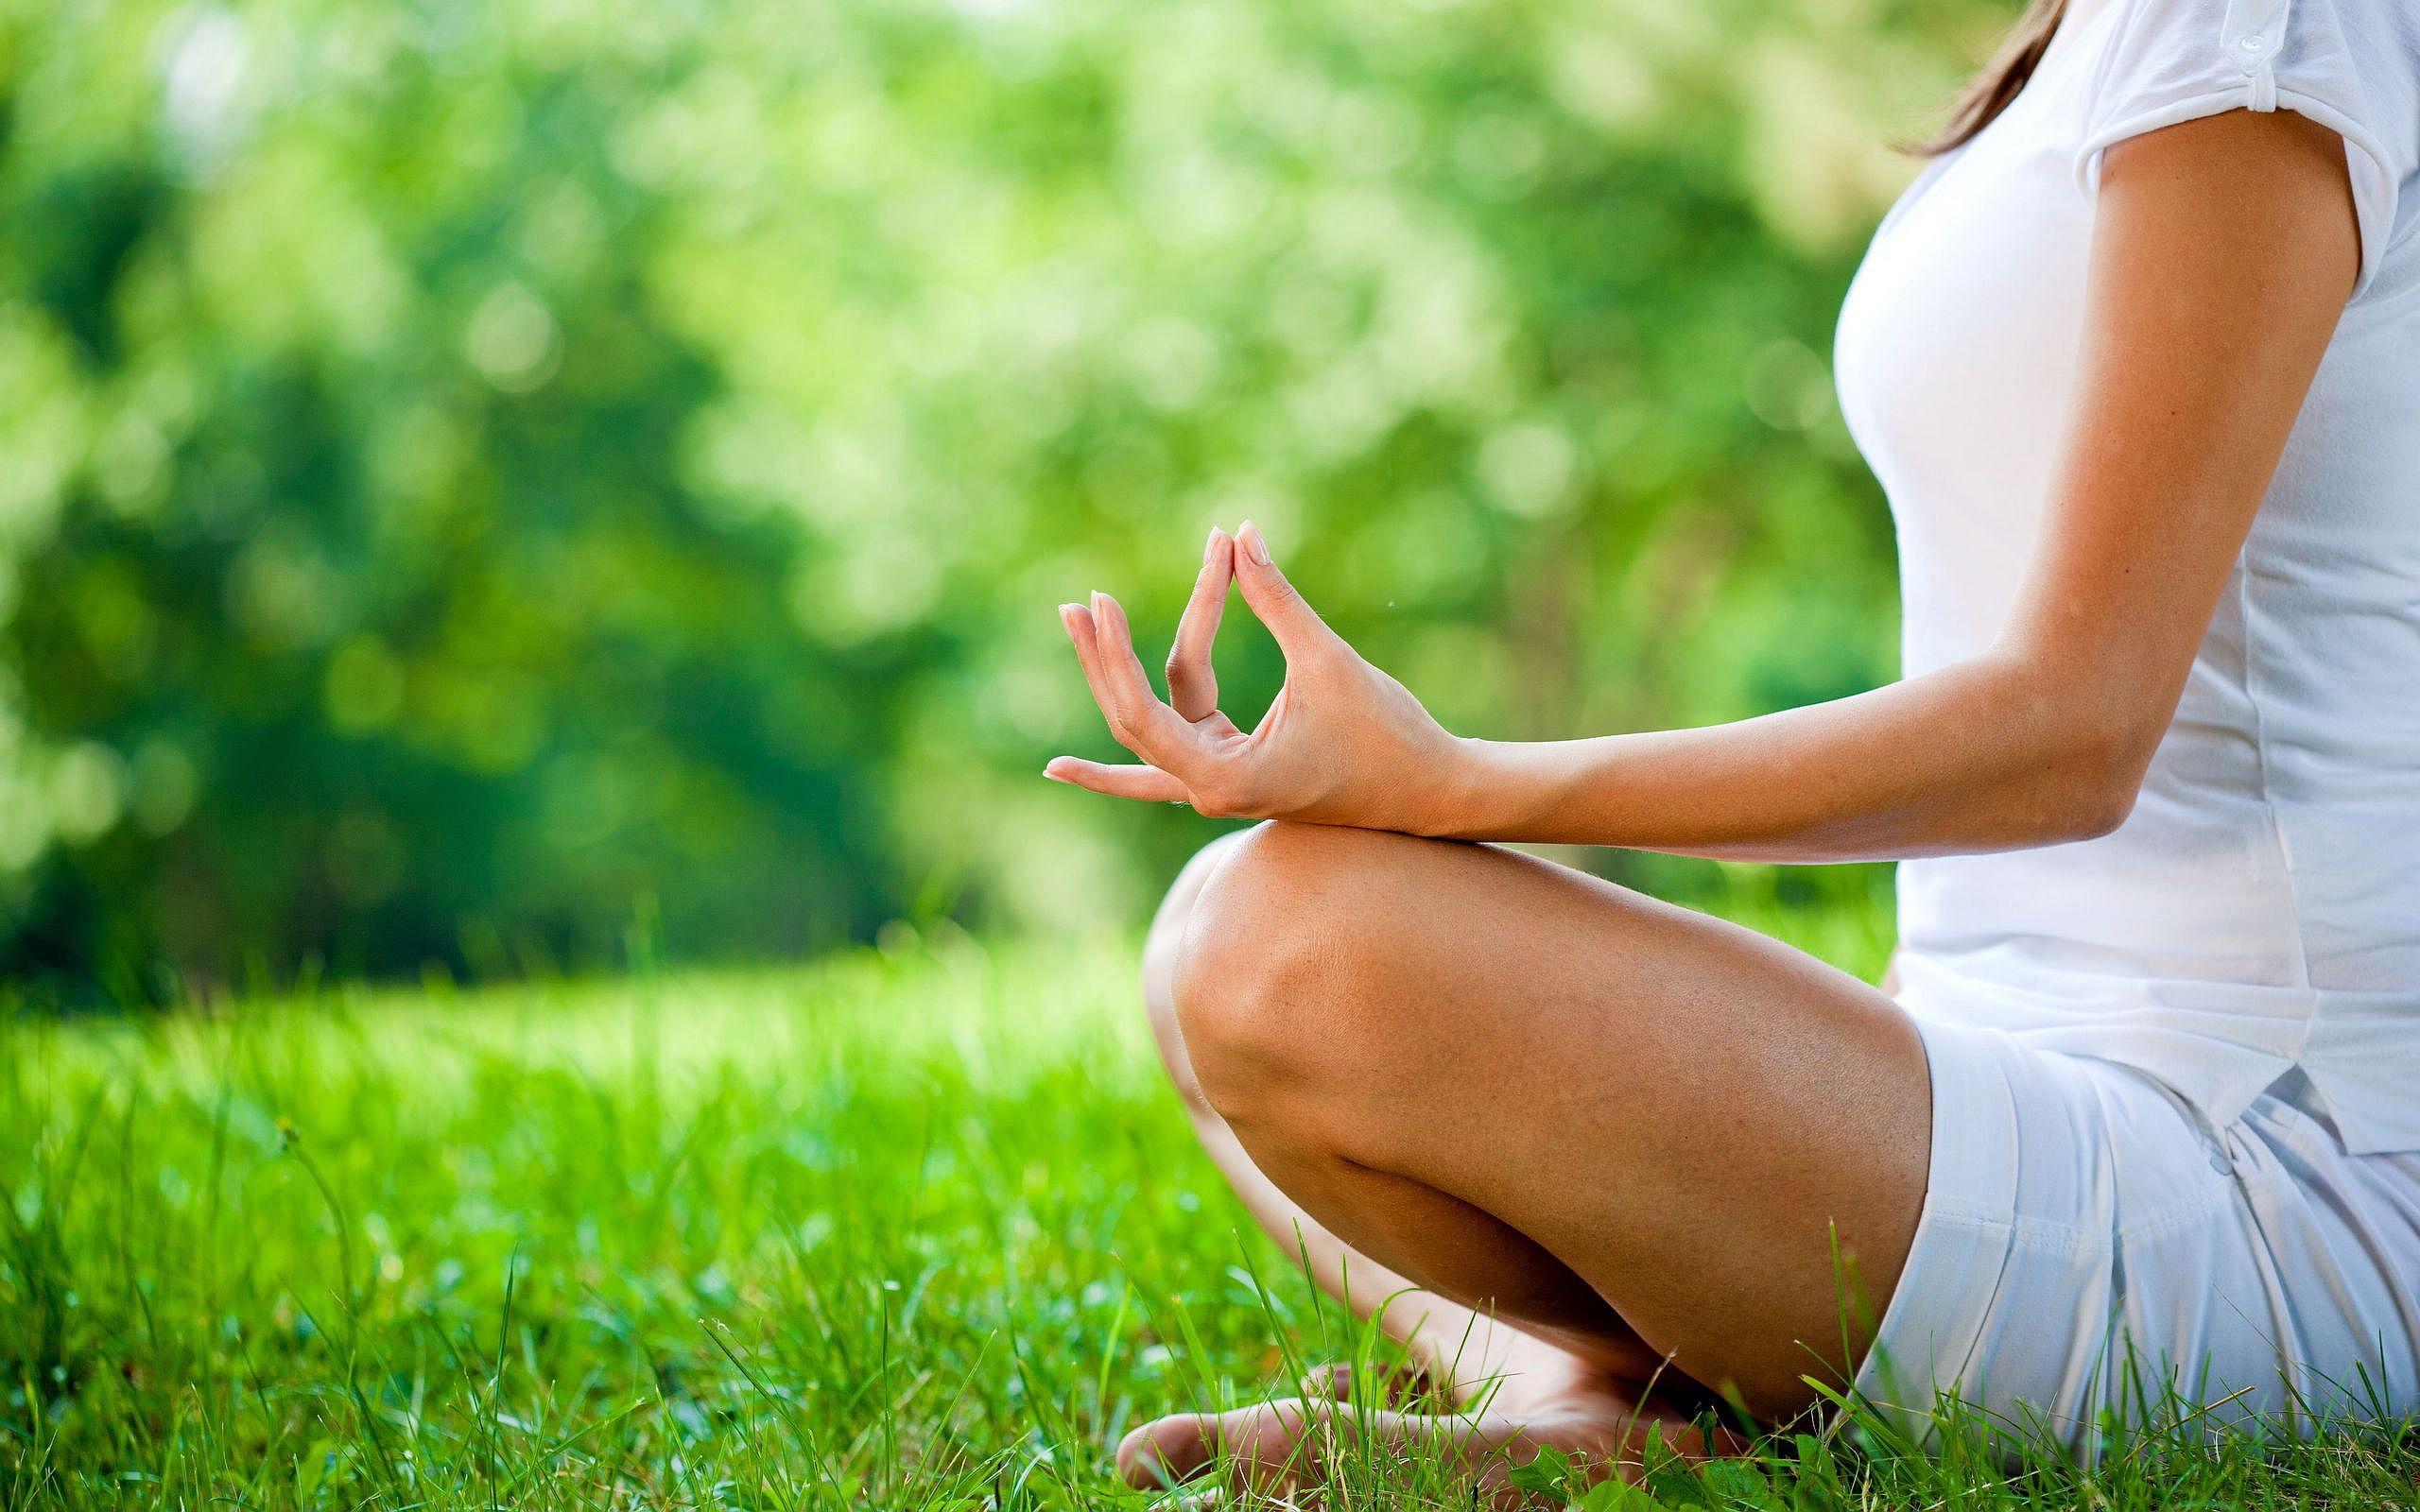 A Healthy Mind Just 5 Minutes U Vib Blog